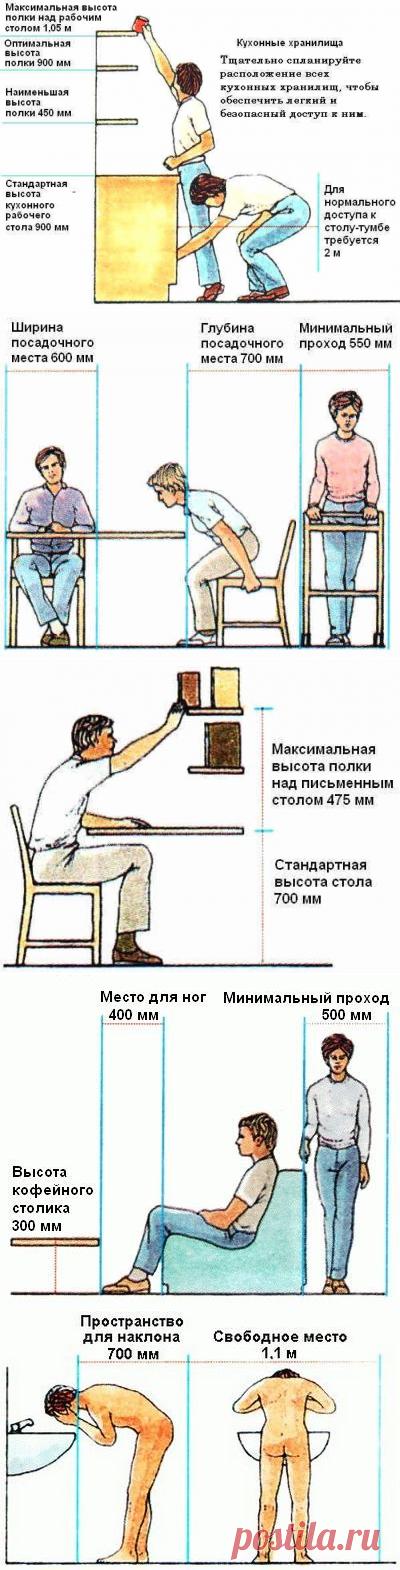 Эргономика в картинках - Самый полезный журнал